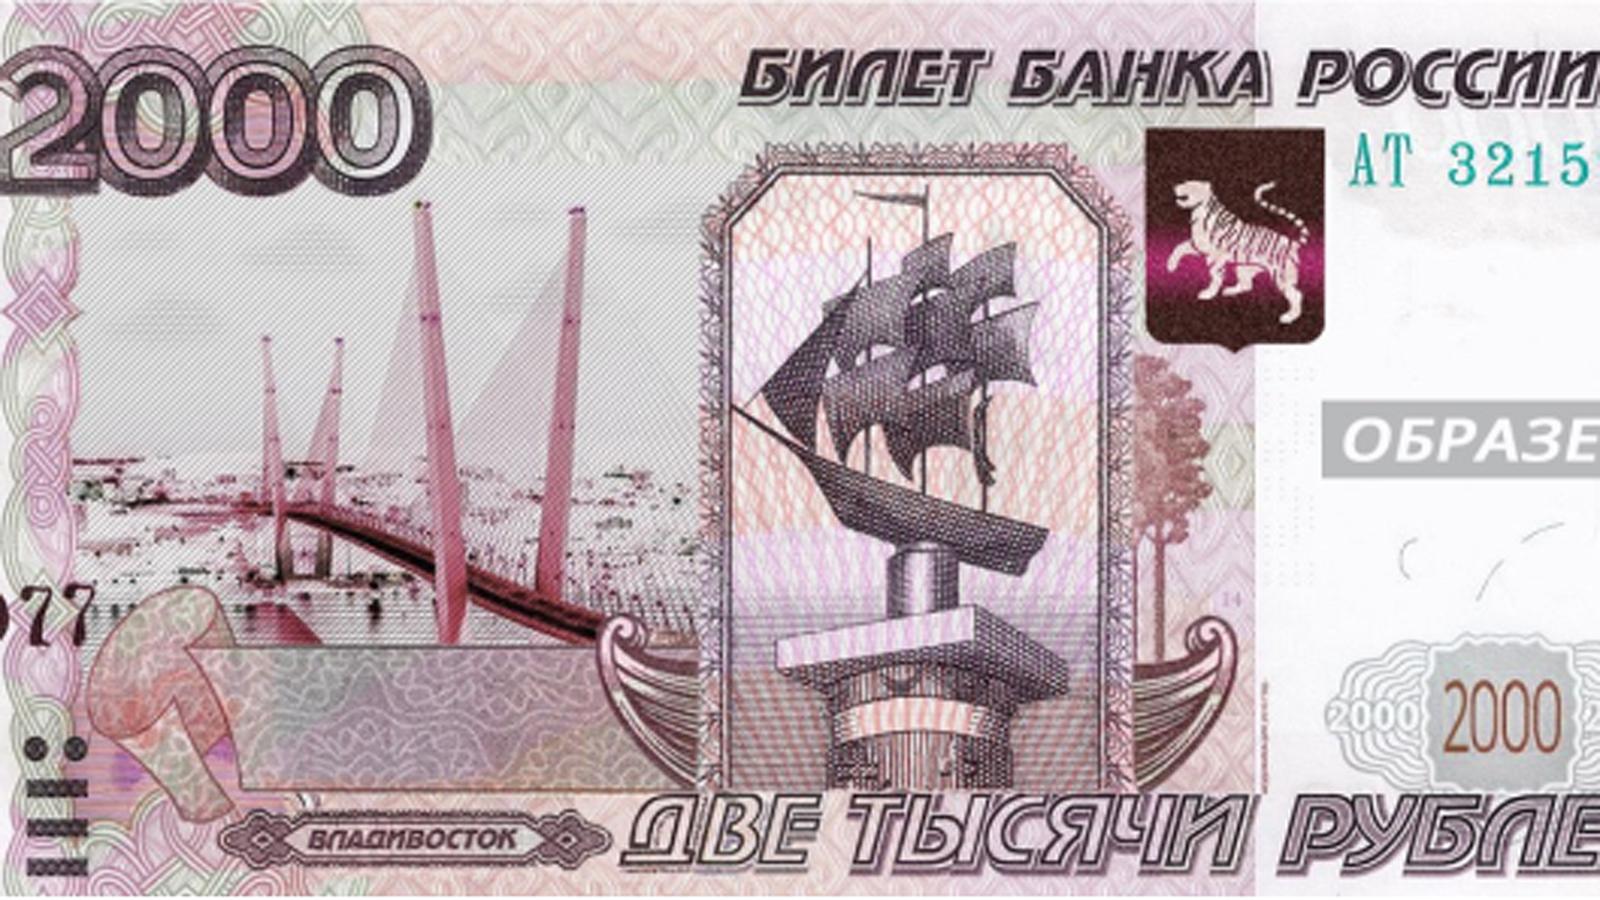 Novye Banknoty Rf U Perekupshikov Vyrosli V Cene V Dva Raza Ia Regnum